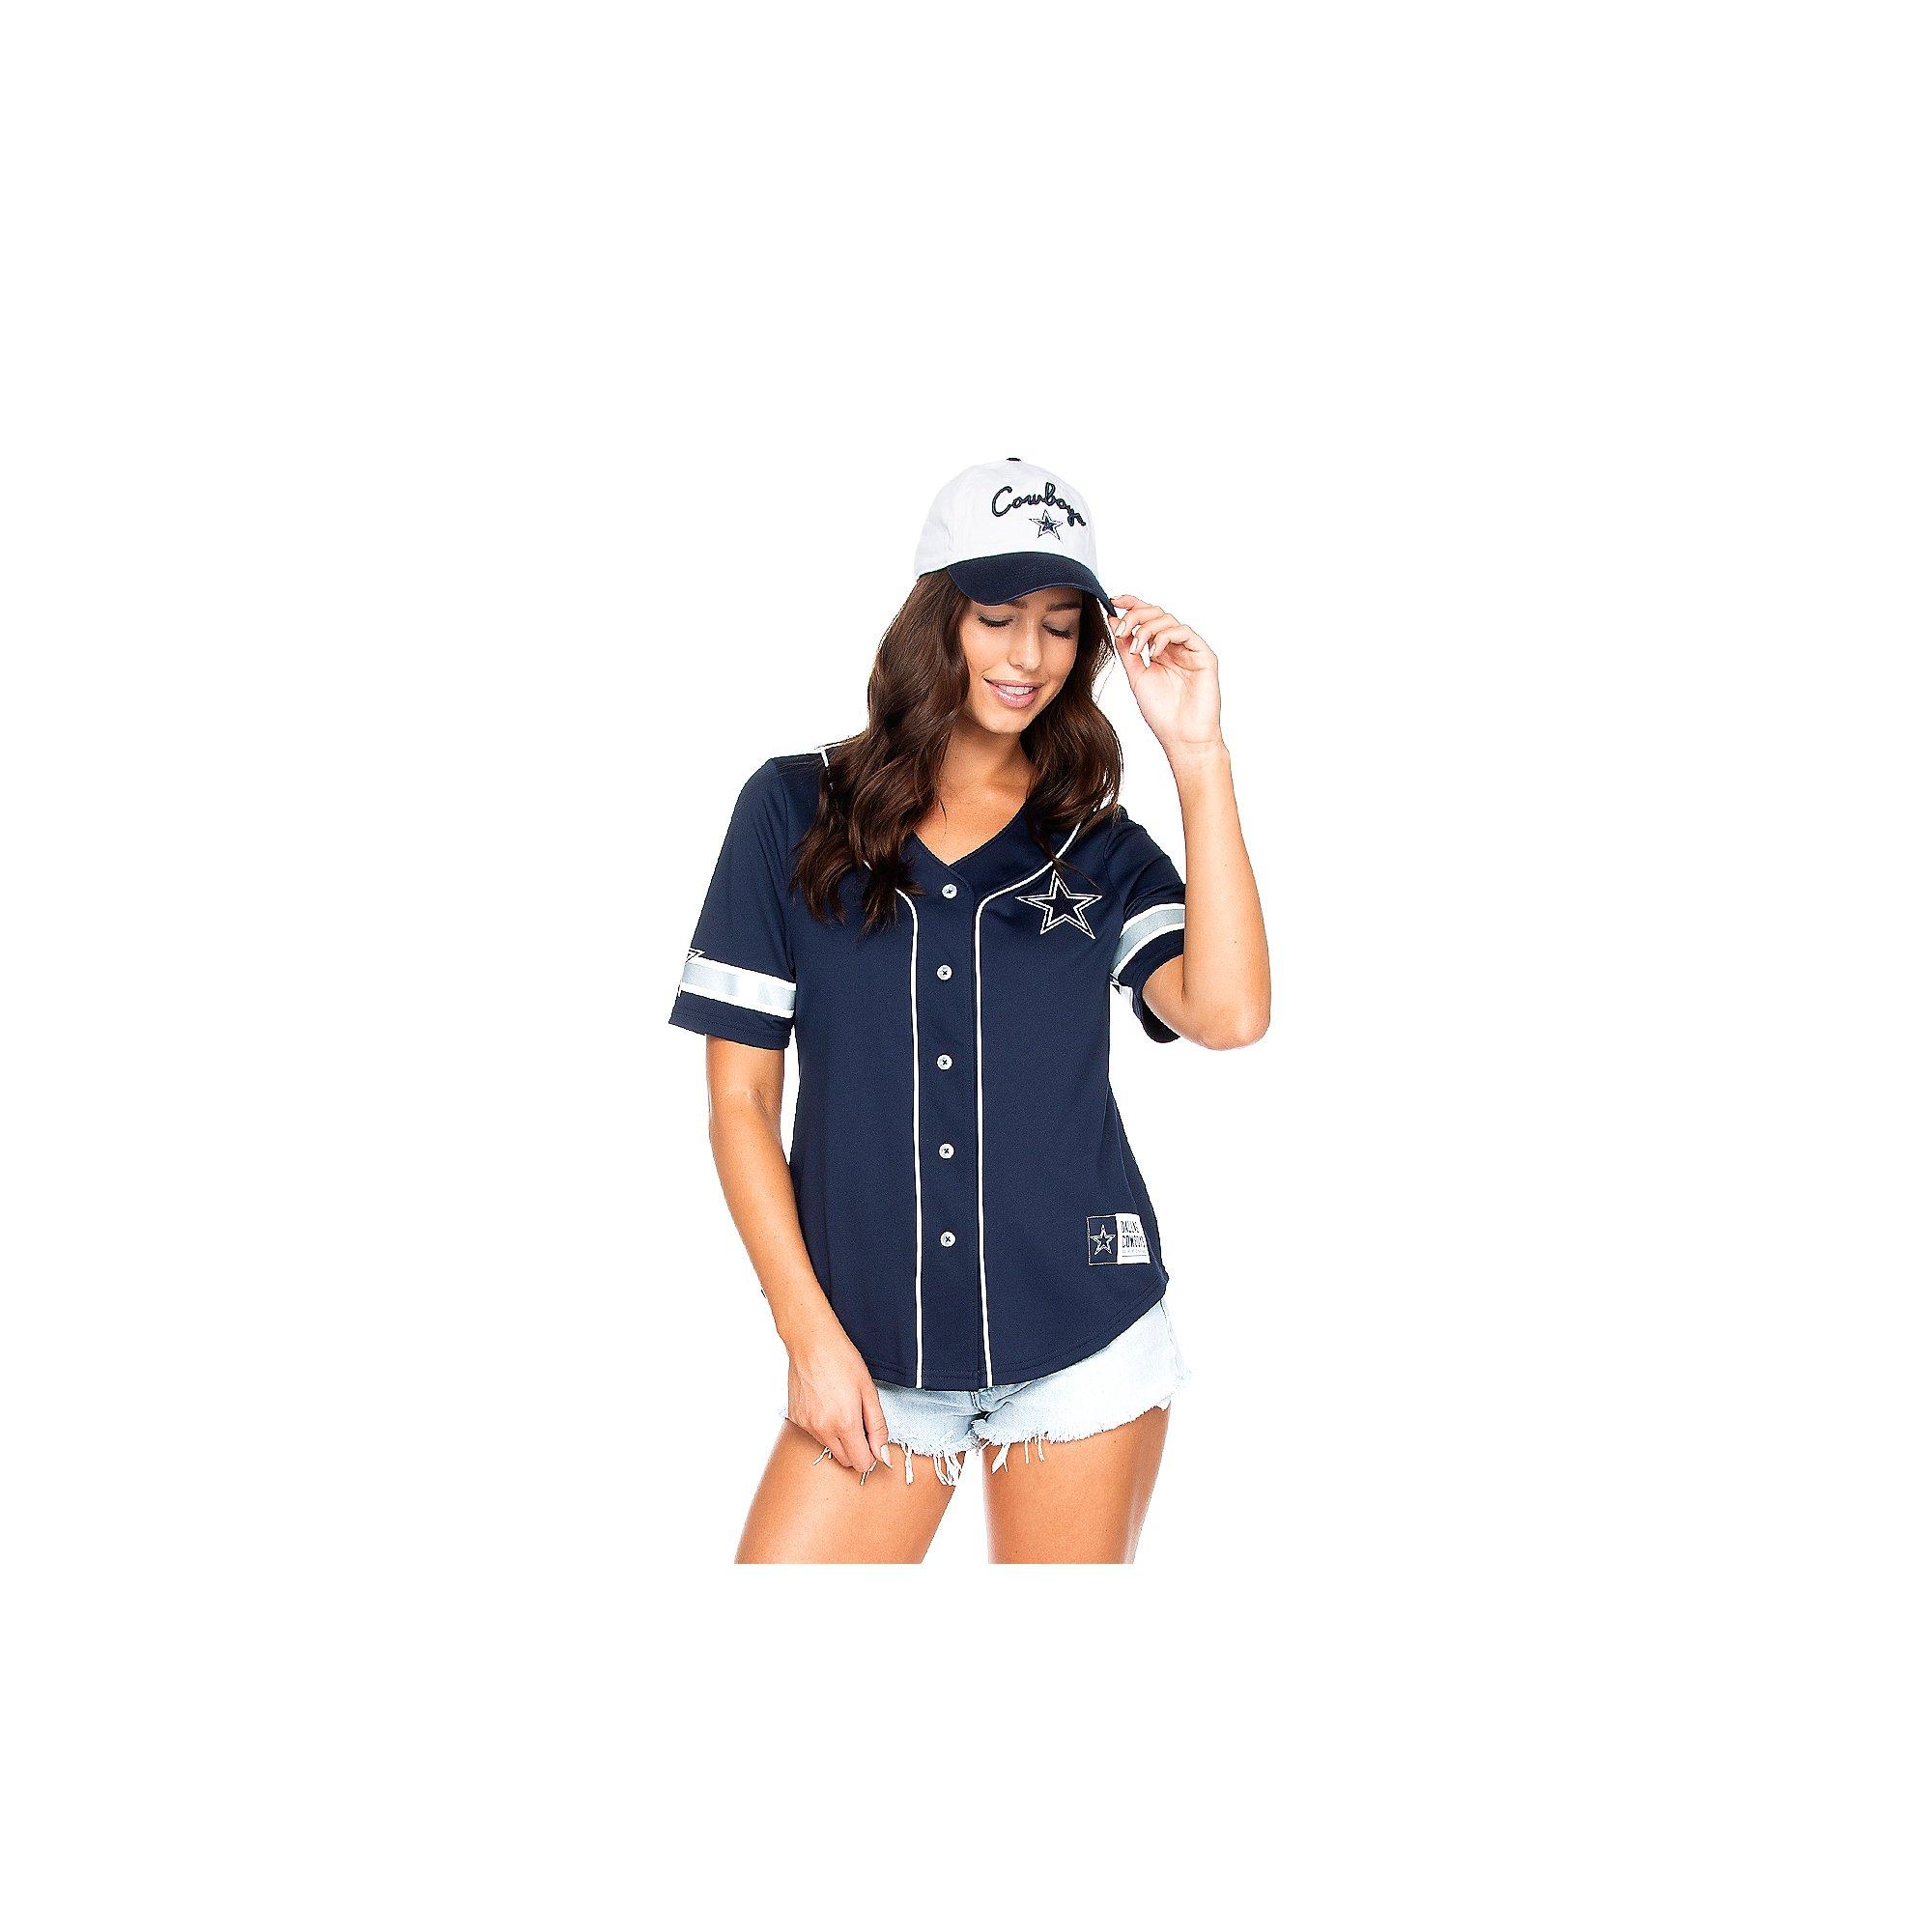 Dallas Cowboys Womens Lorde Jersey | Dallas Cowboys Pro Shop